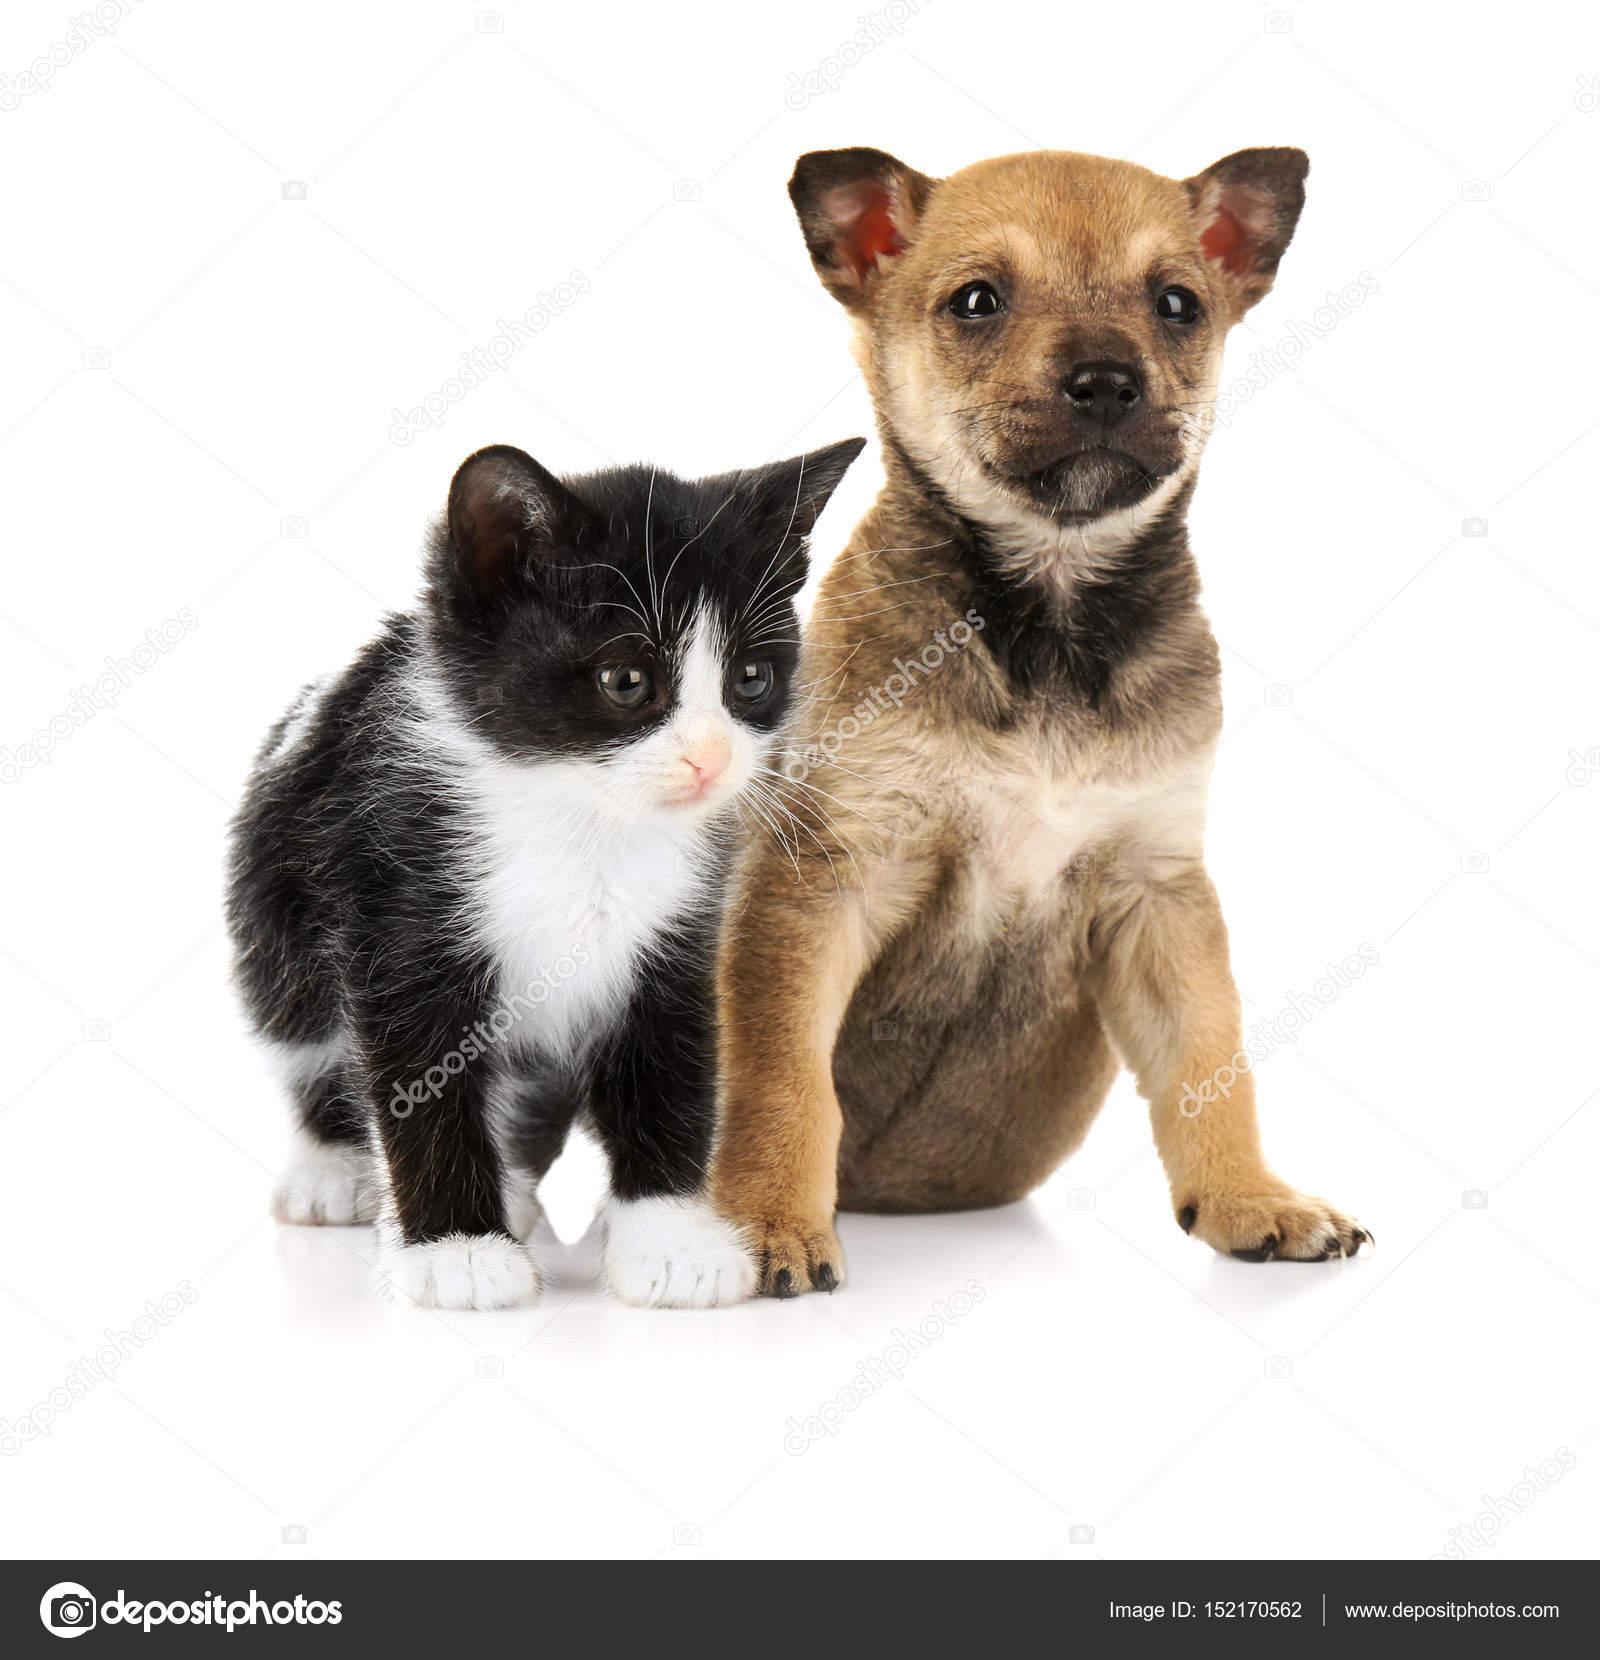 Милые котенок и щенок — Стоковое фото © belchonock #152170562